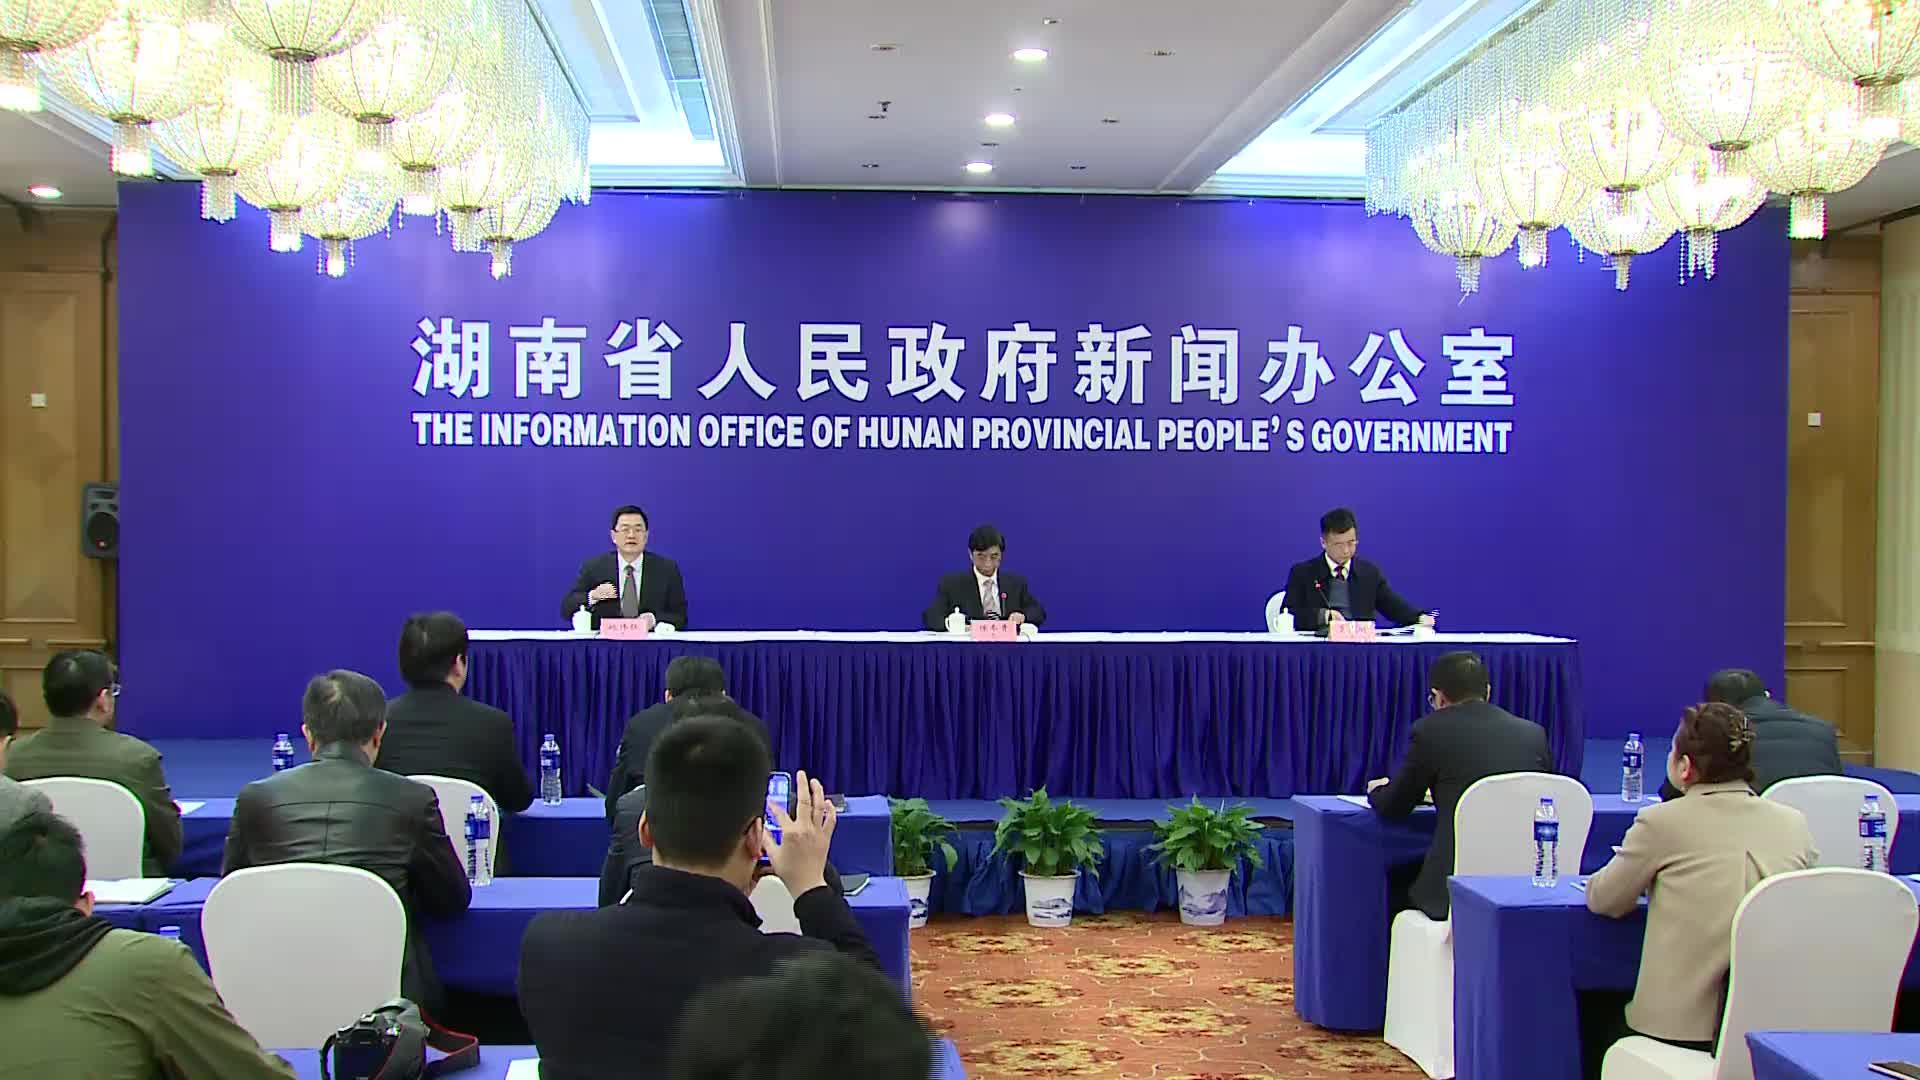 【全程回放】解读2019年省委1号文件新闻发布会